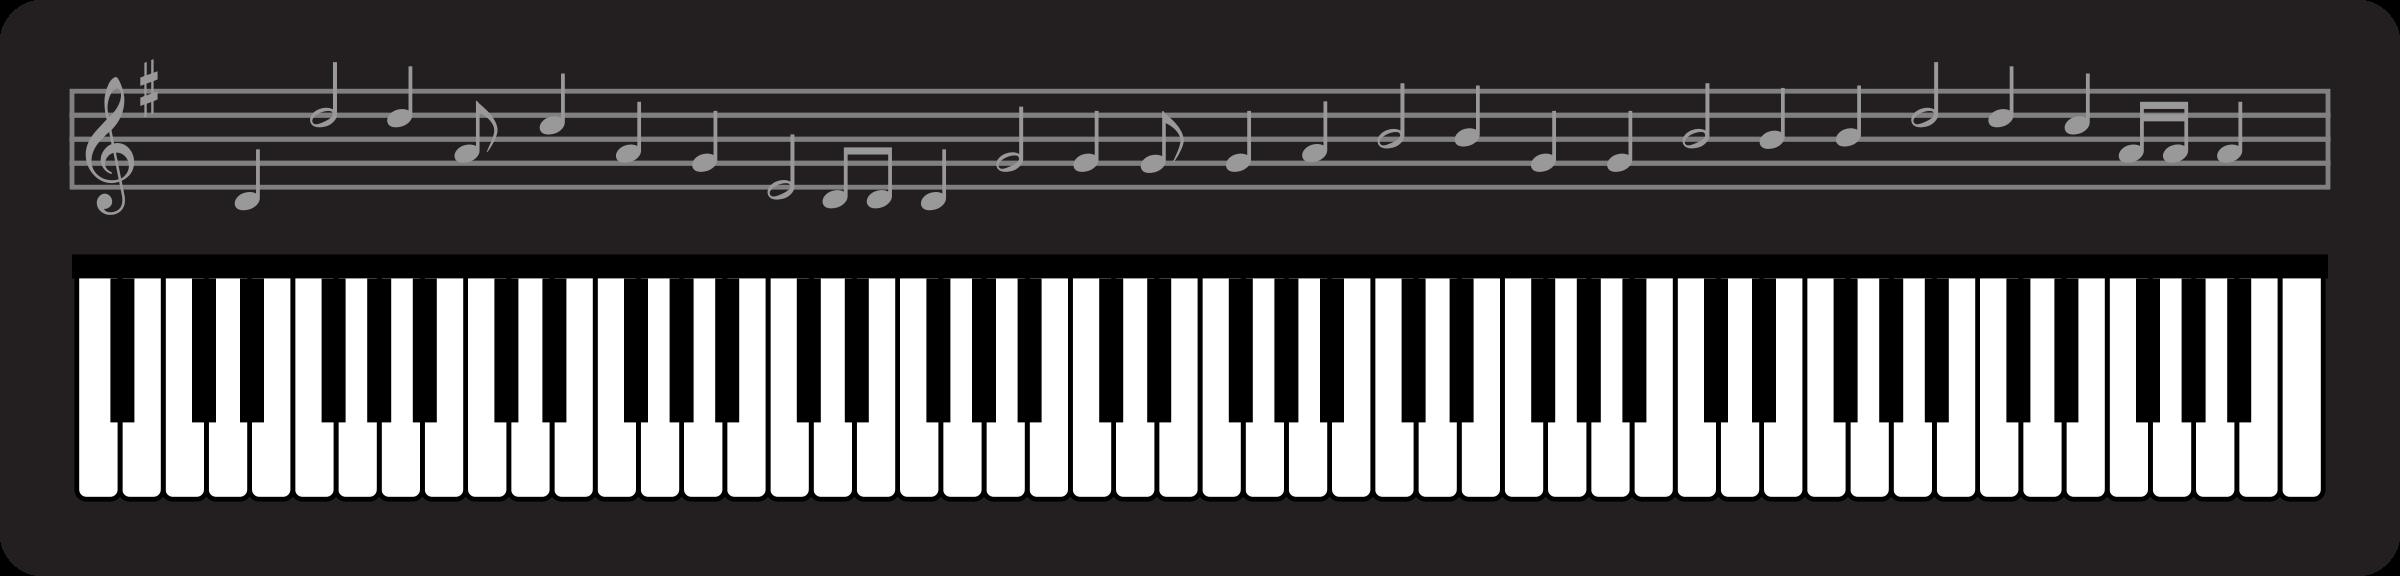 Clipart - Keyboard